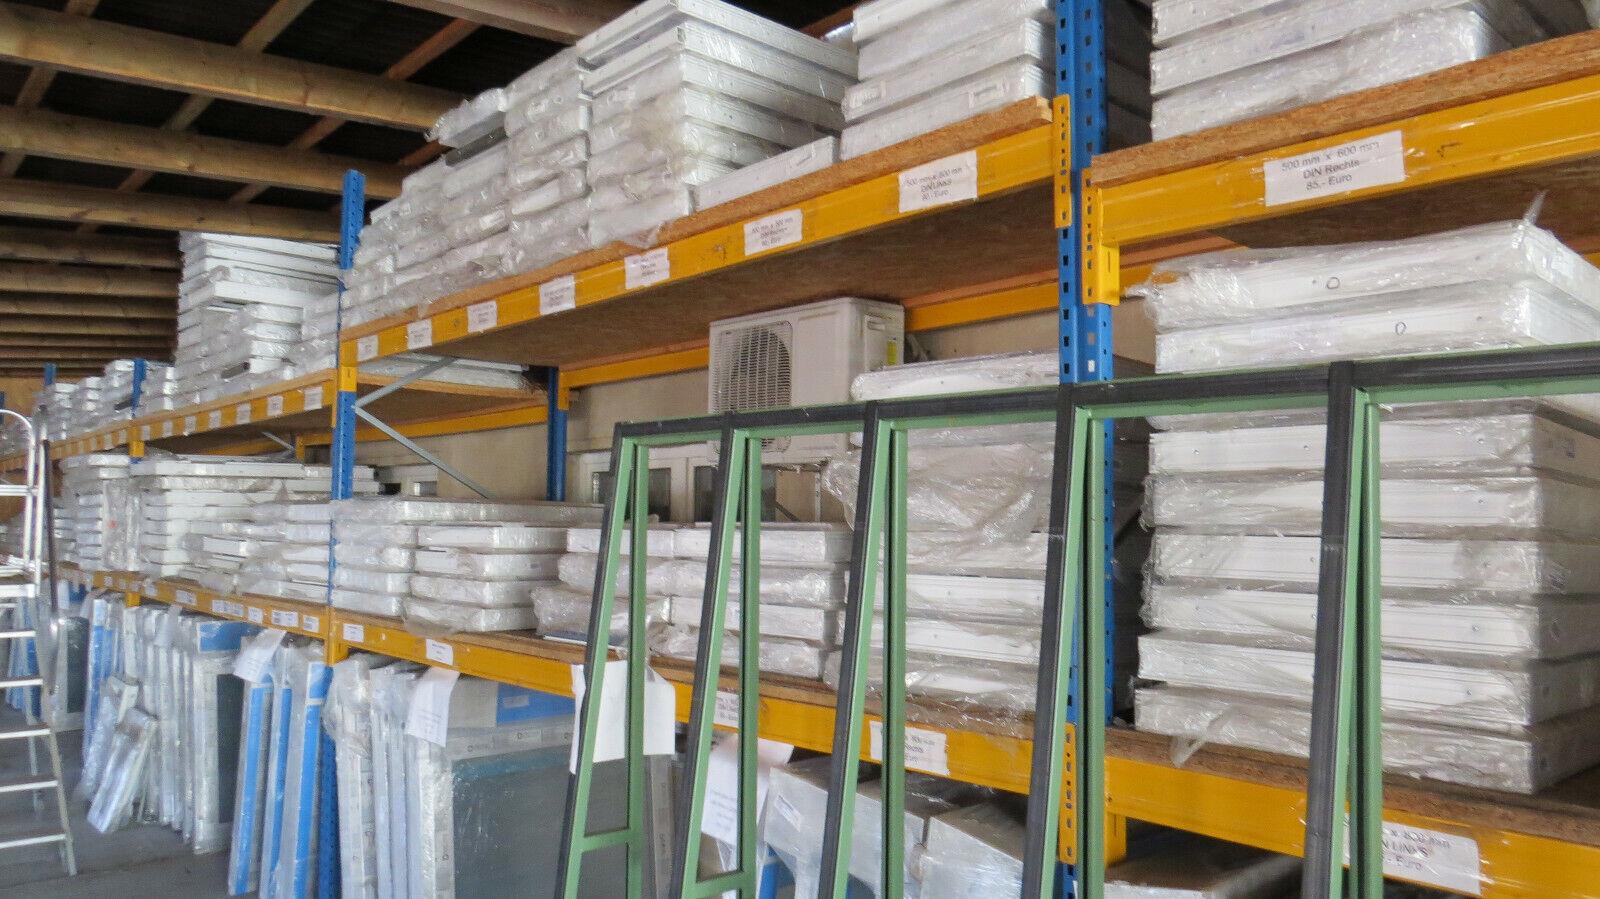 Kostenvoranschlag Fenster kaufen Angebot Farbe günstig kaufen Kunststofffenster